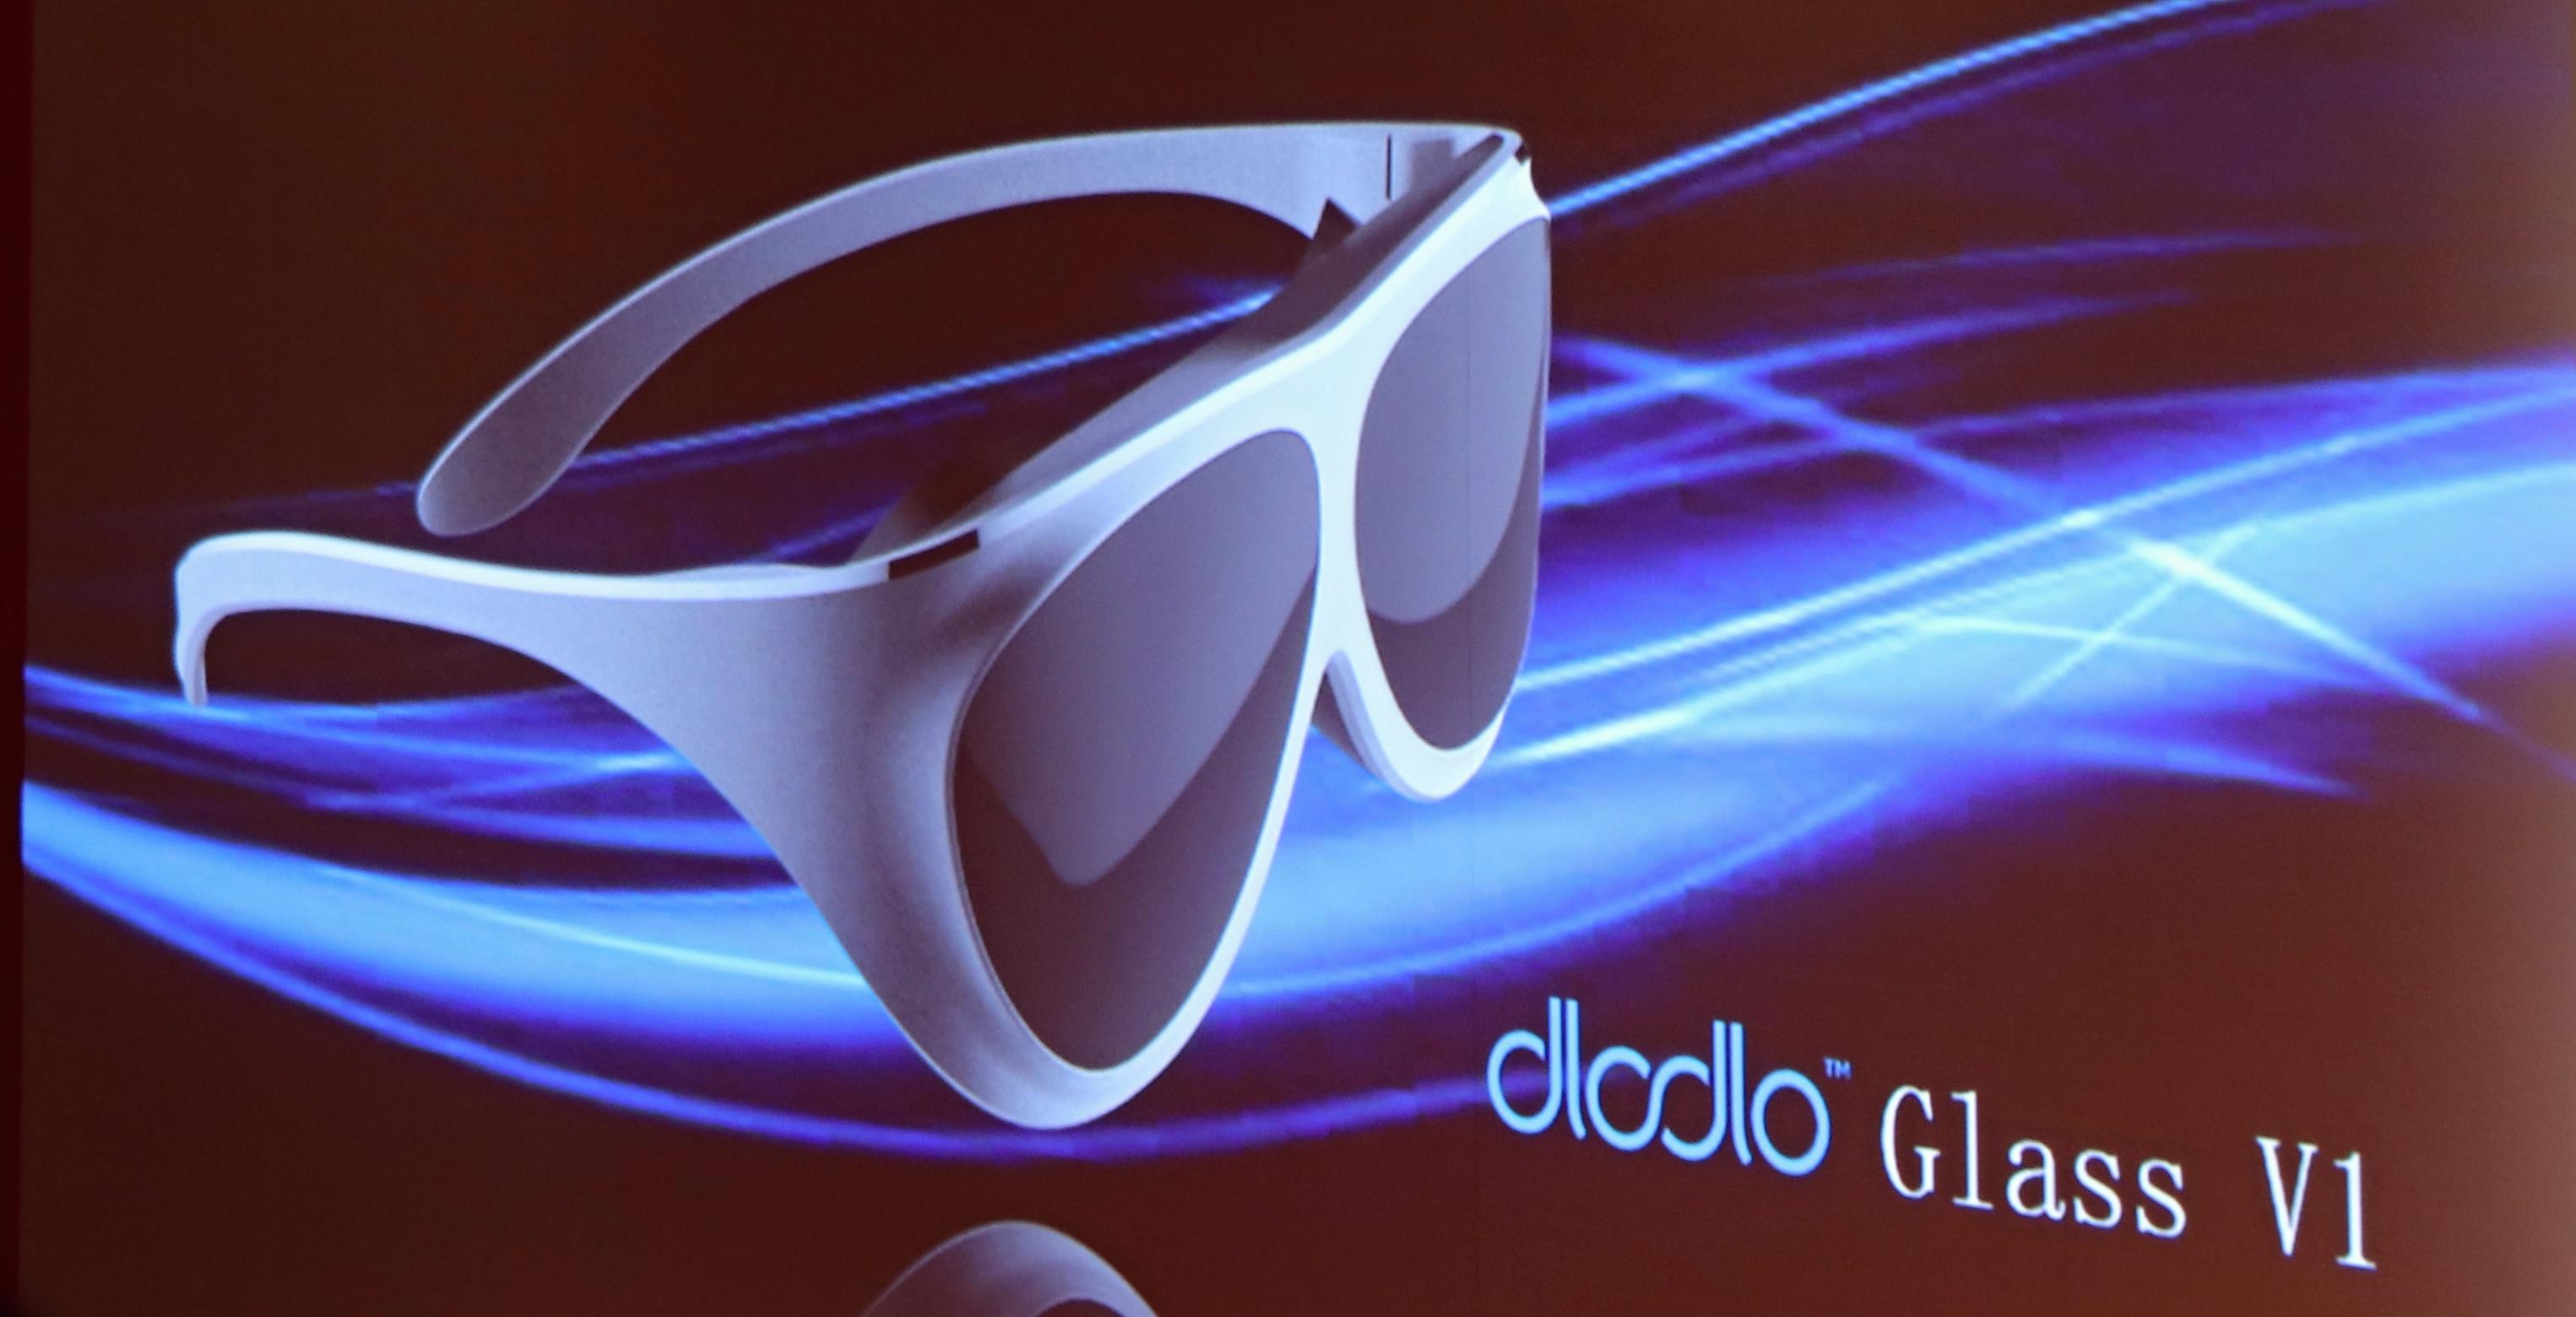 32bcfcbd2 Porovnajte si to so súčasnými okuliarmi Oculus Rift či Samsung Gear VR.  Firma neoznámila ani dátum uvedenia, ani cenu. Keďže ide o prototyp,  okuliare nám ...